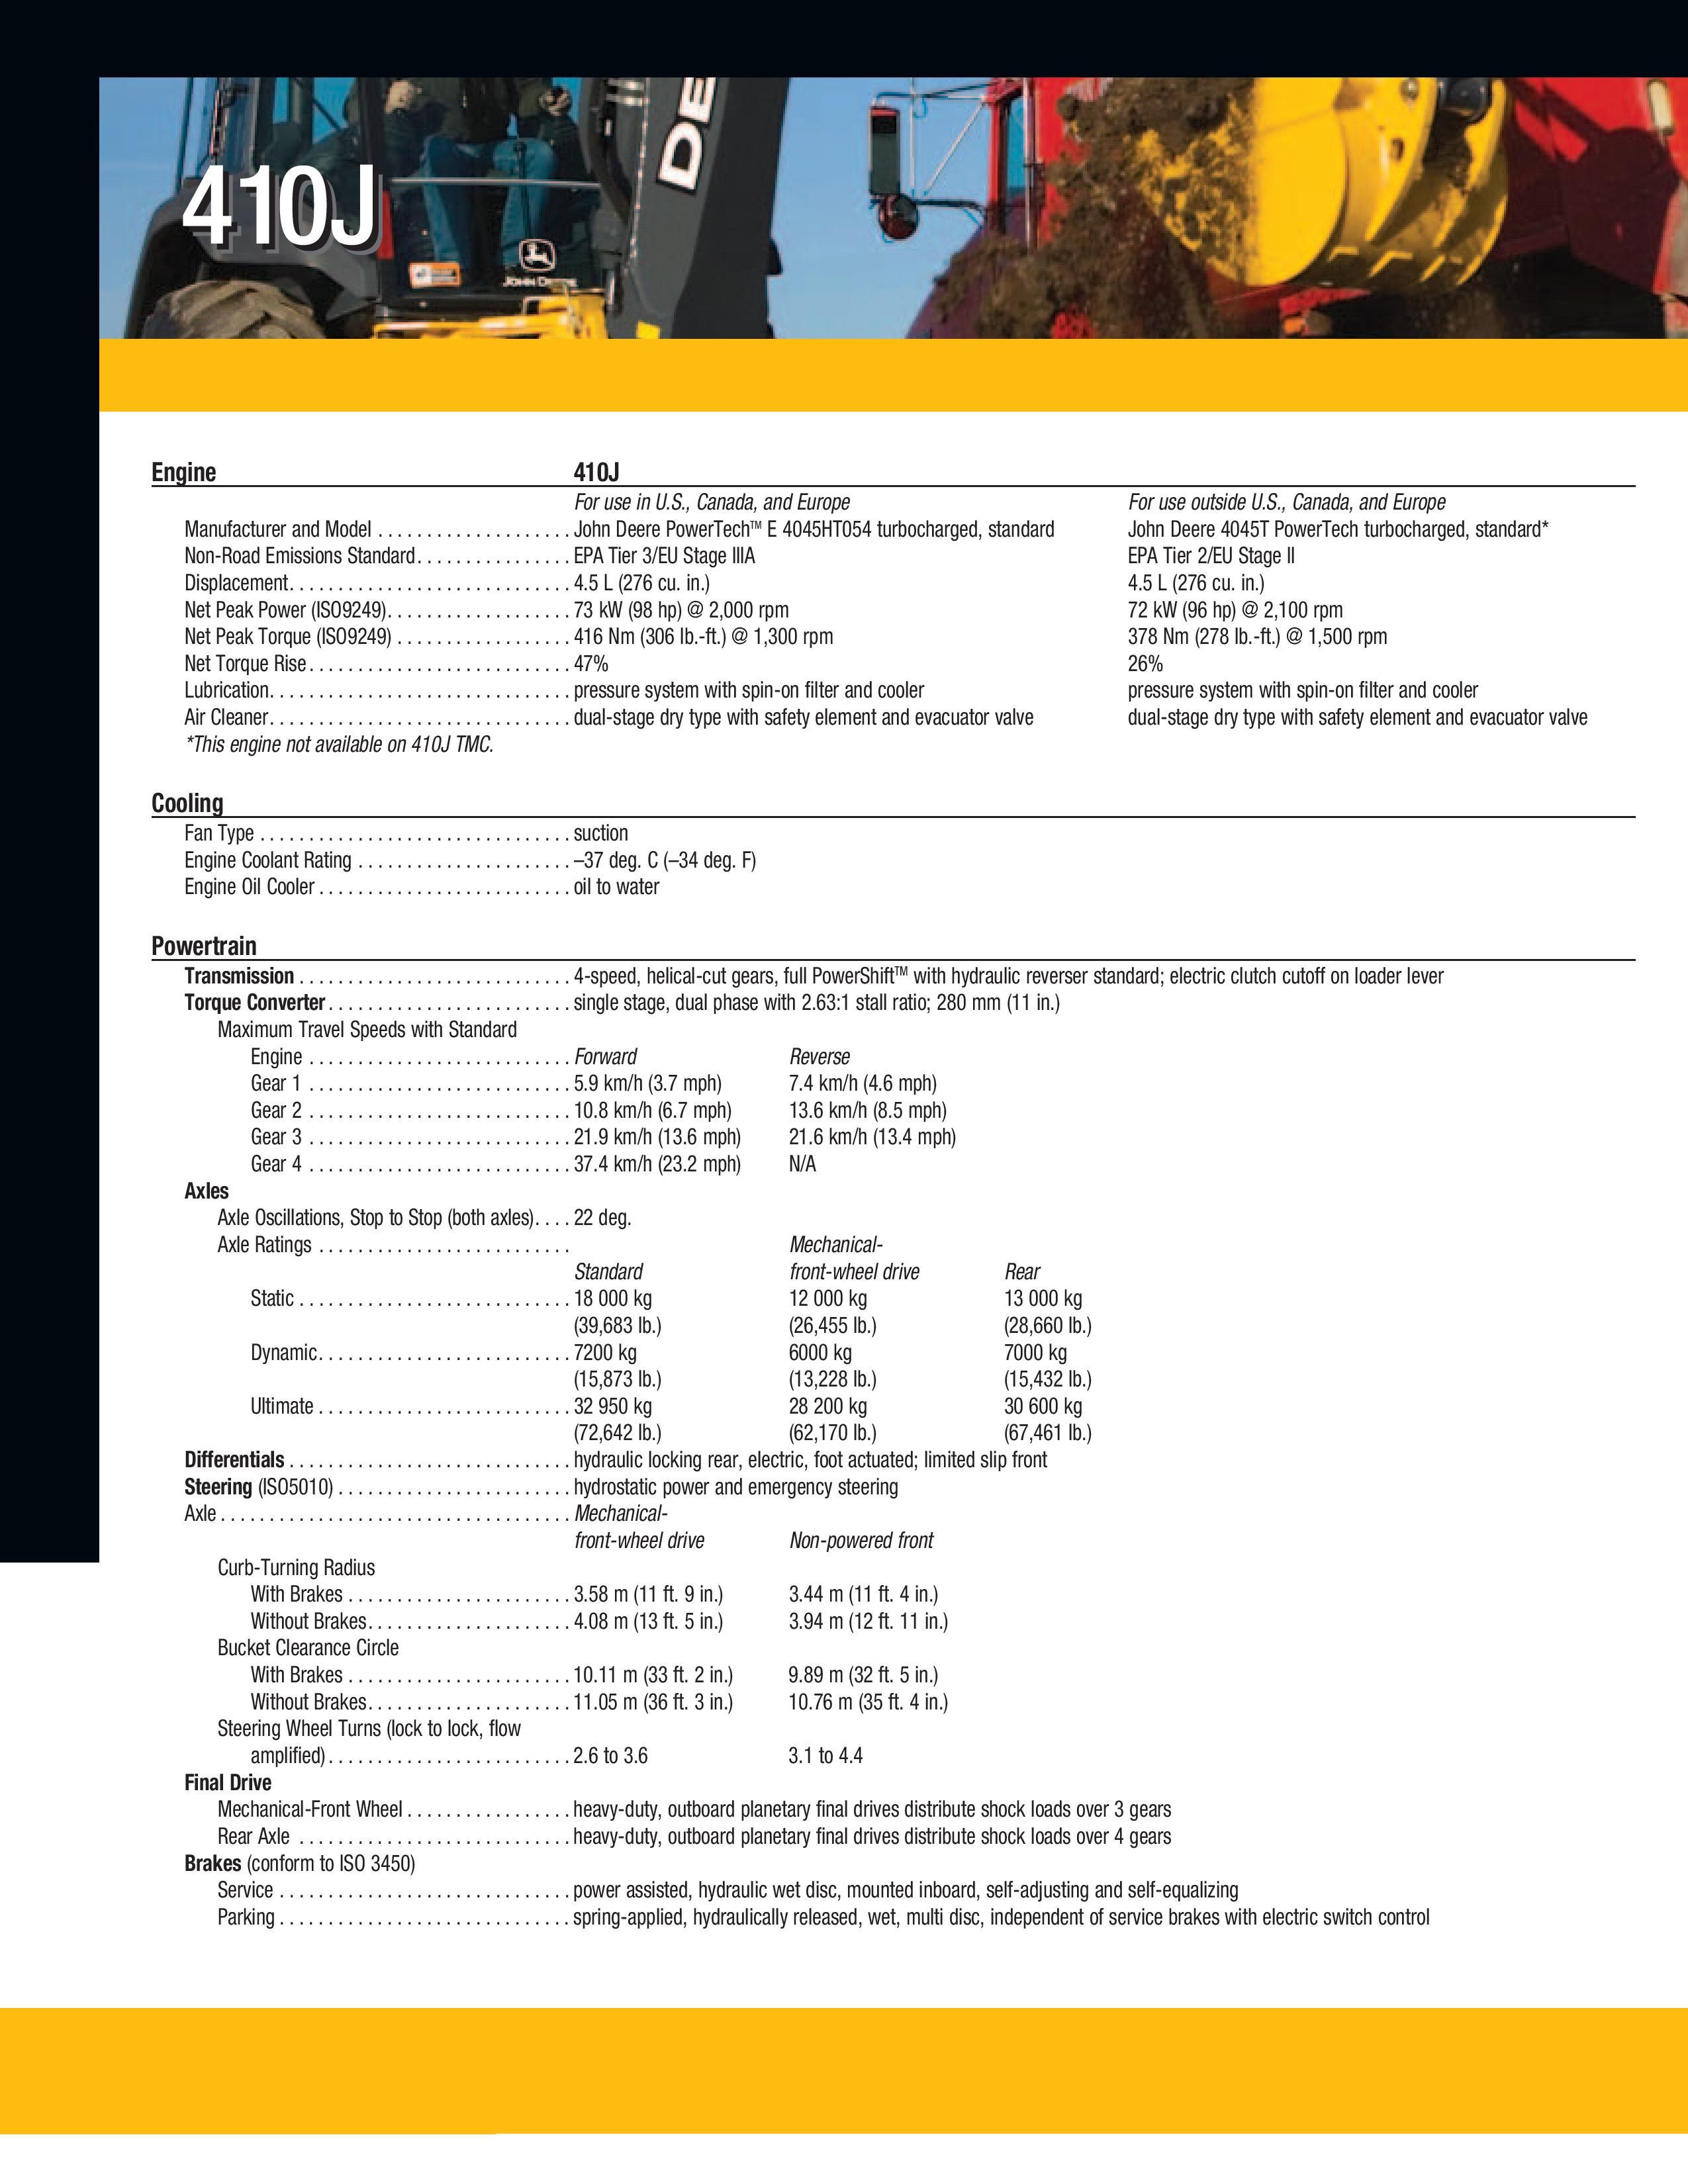 hyundai x90w manual